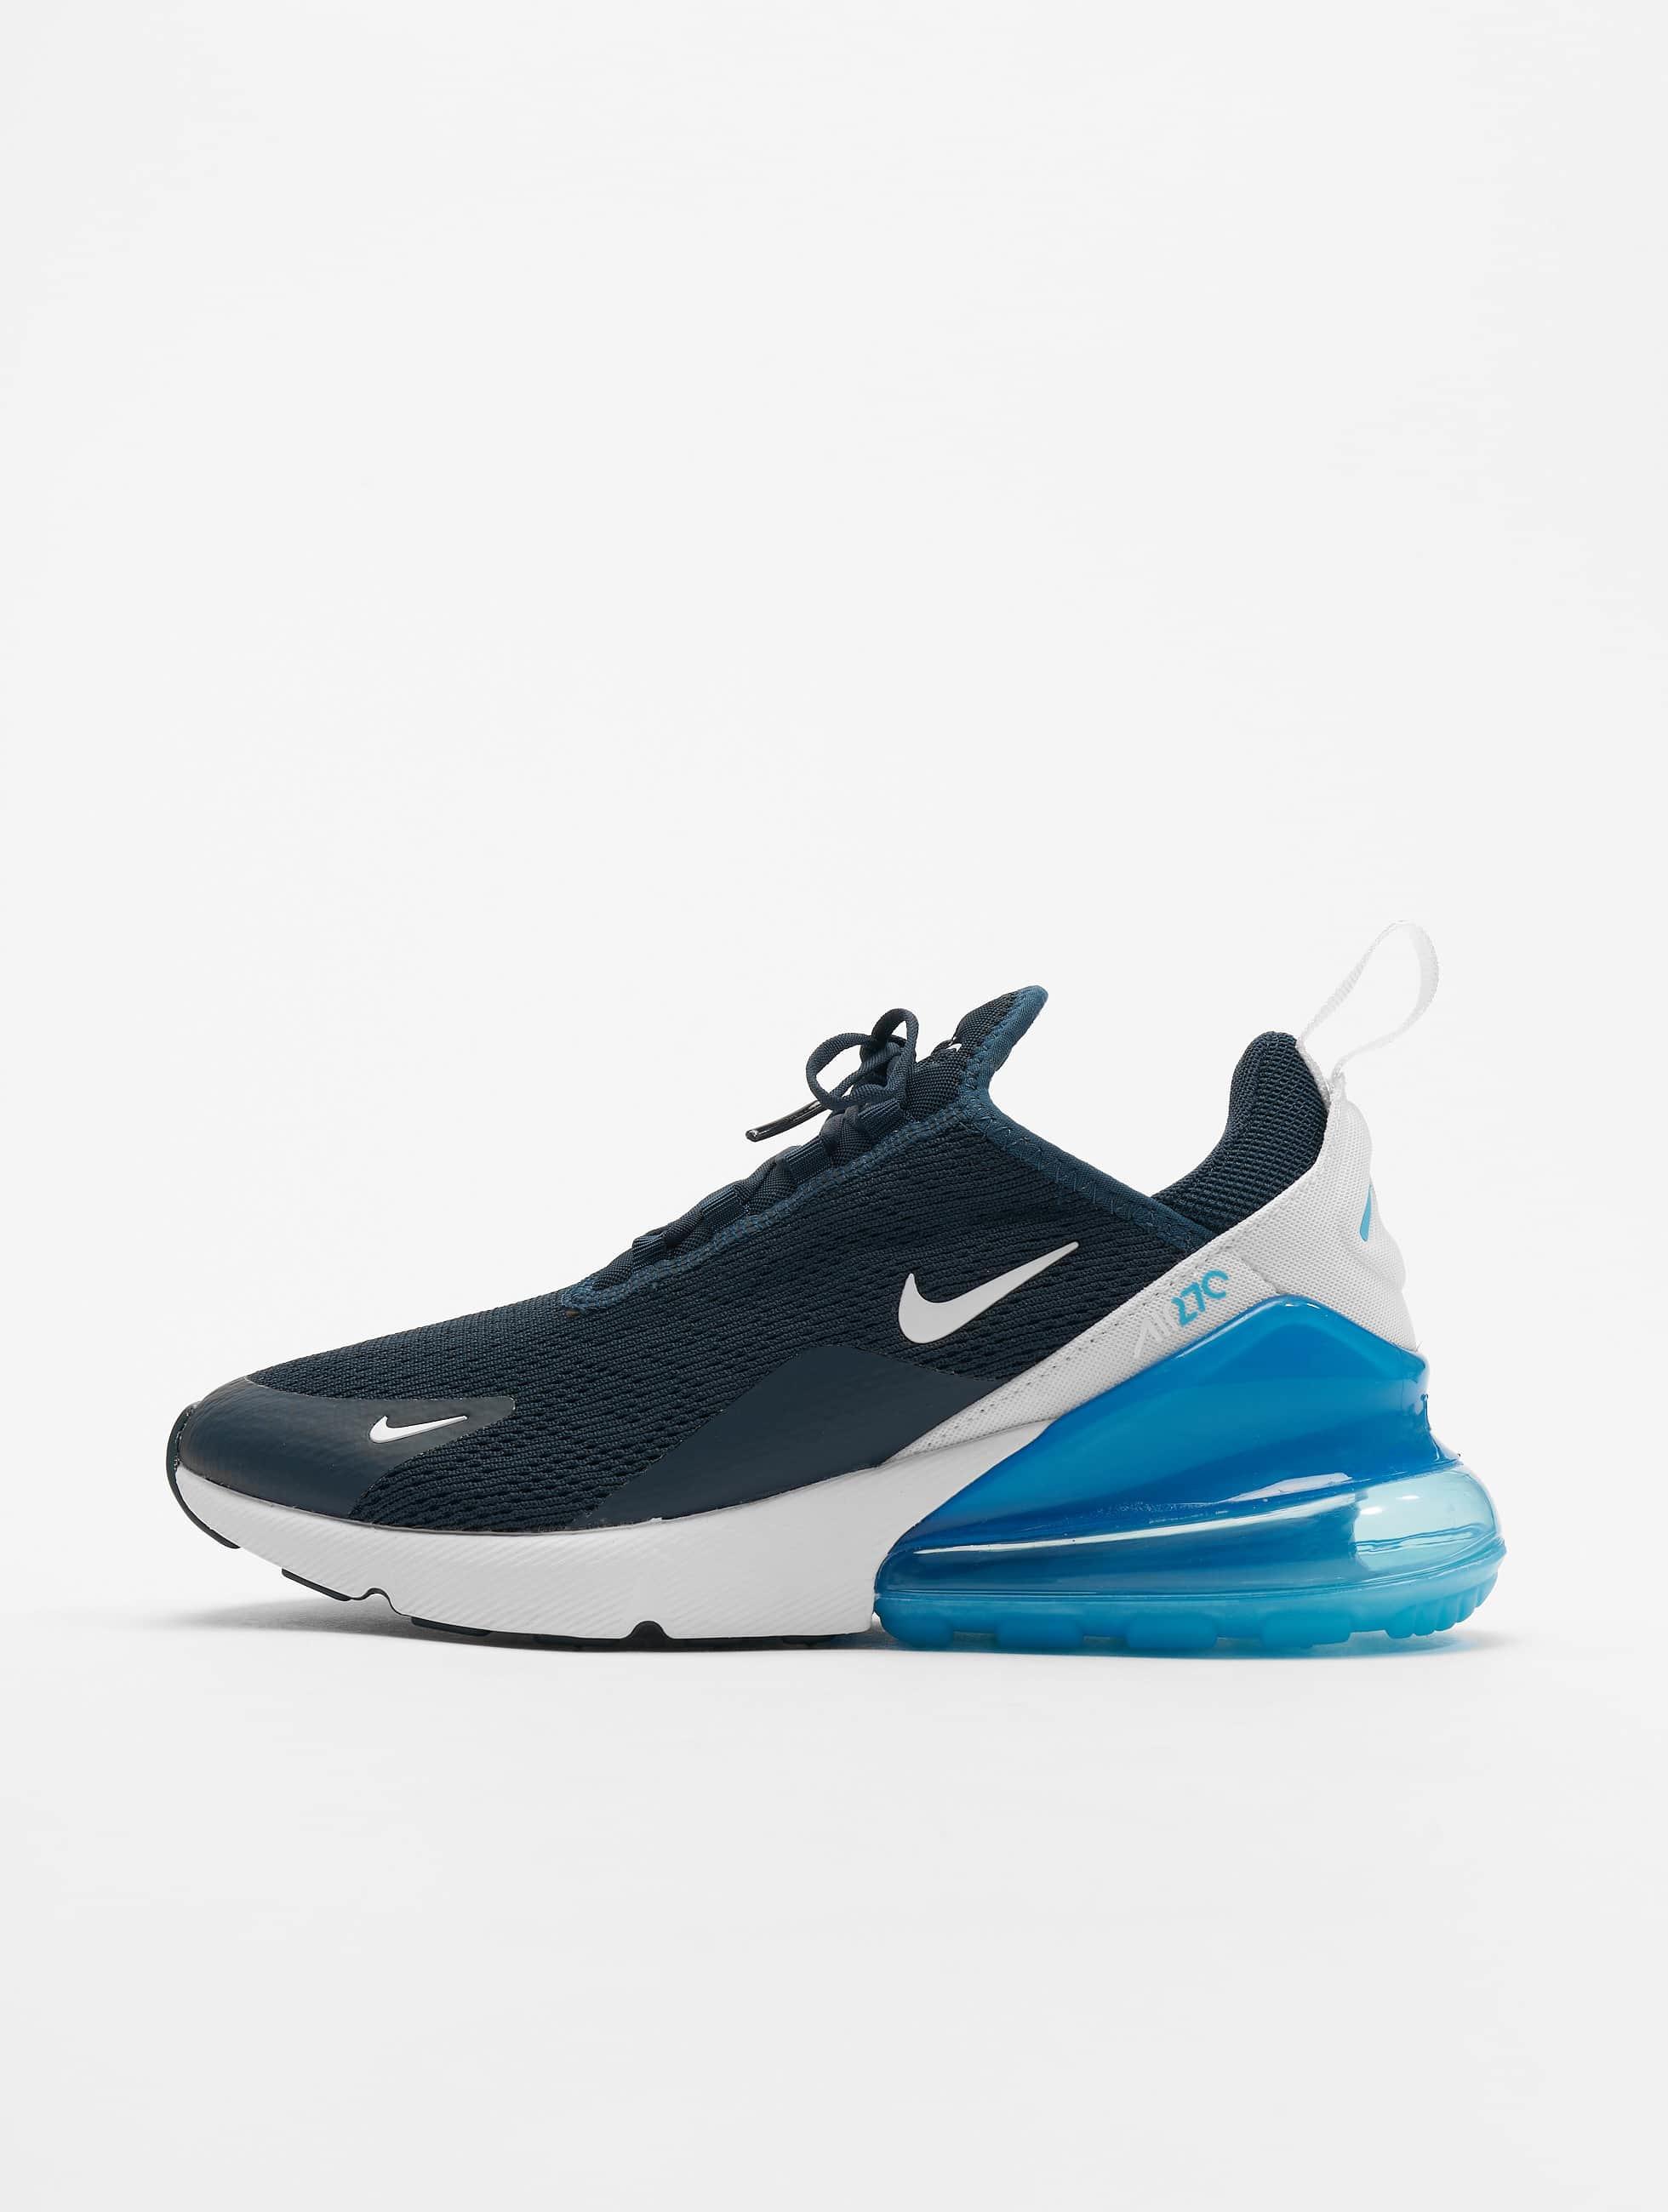 air max 270 bleu turquoise